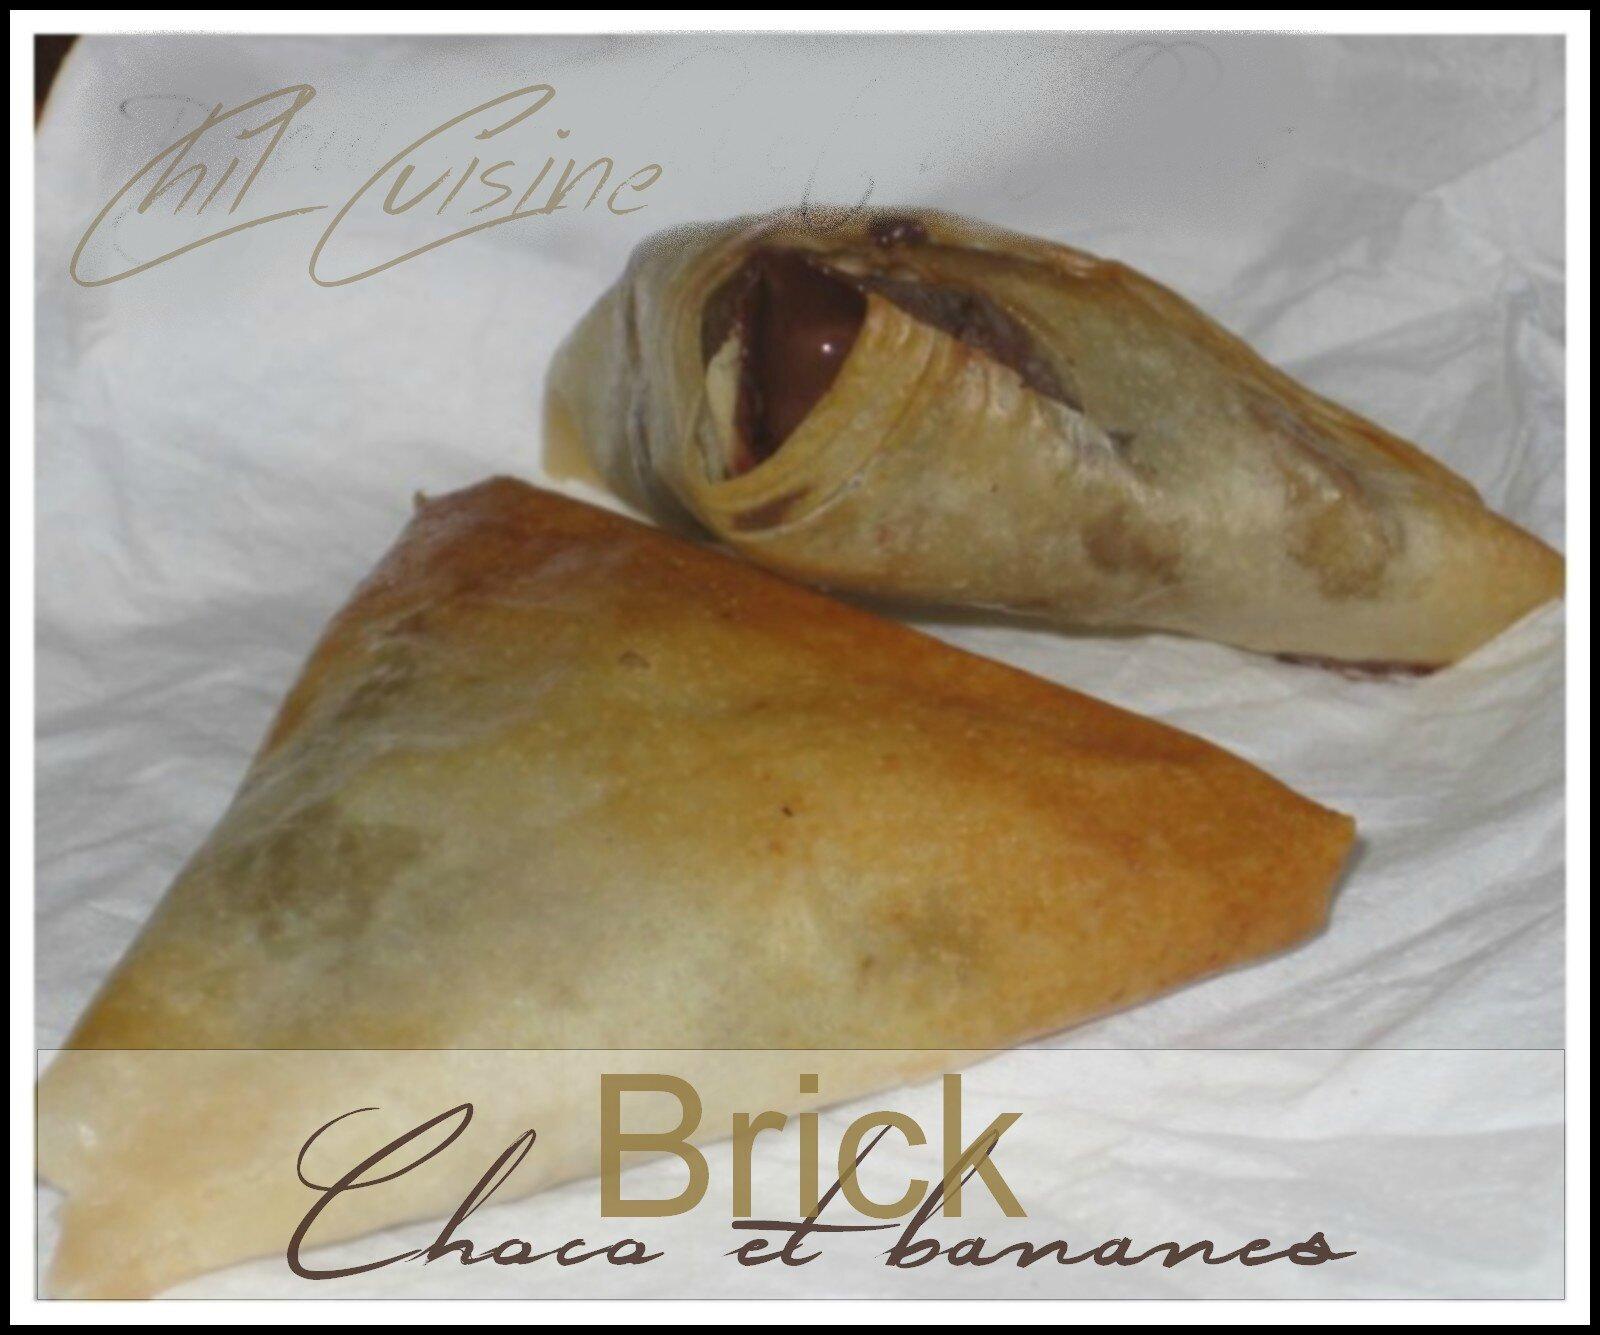 Brick chocolat bananes